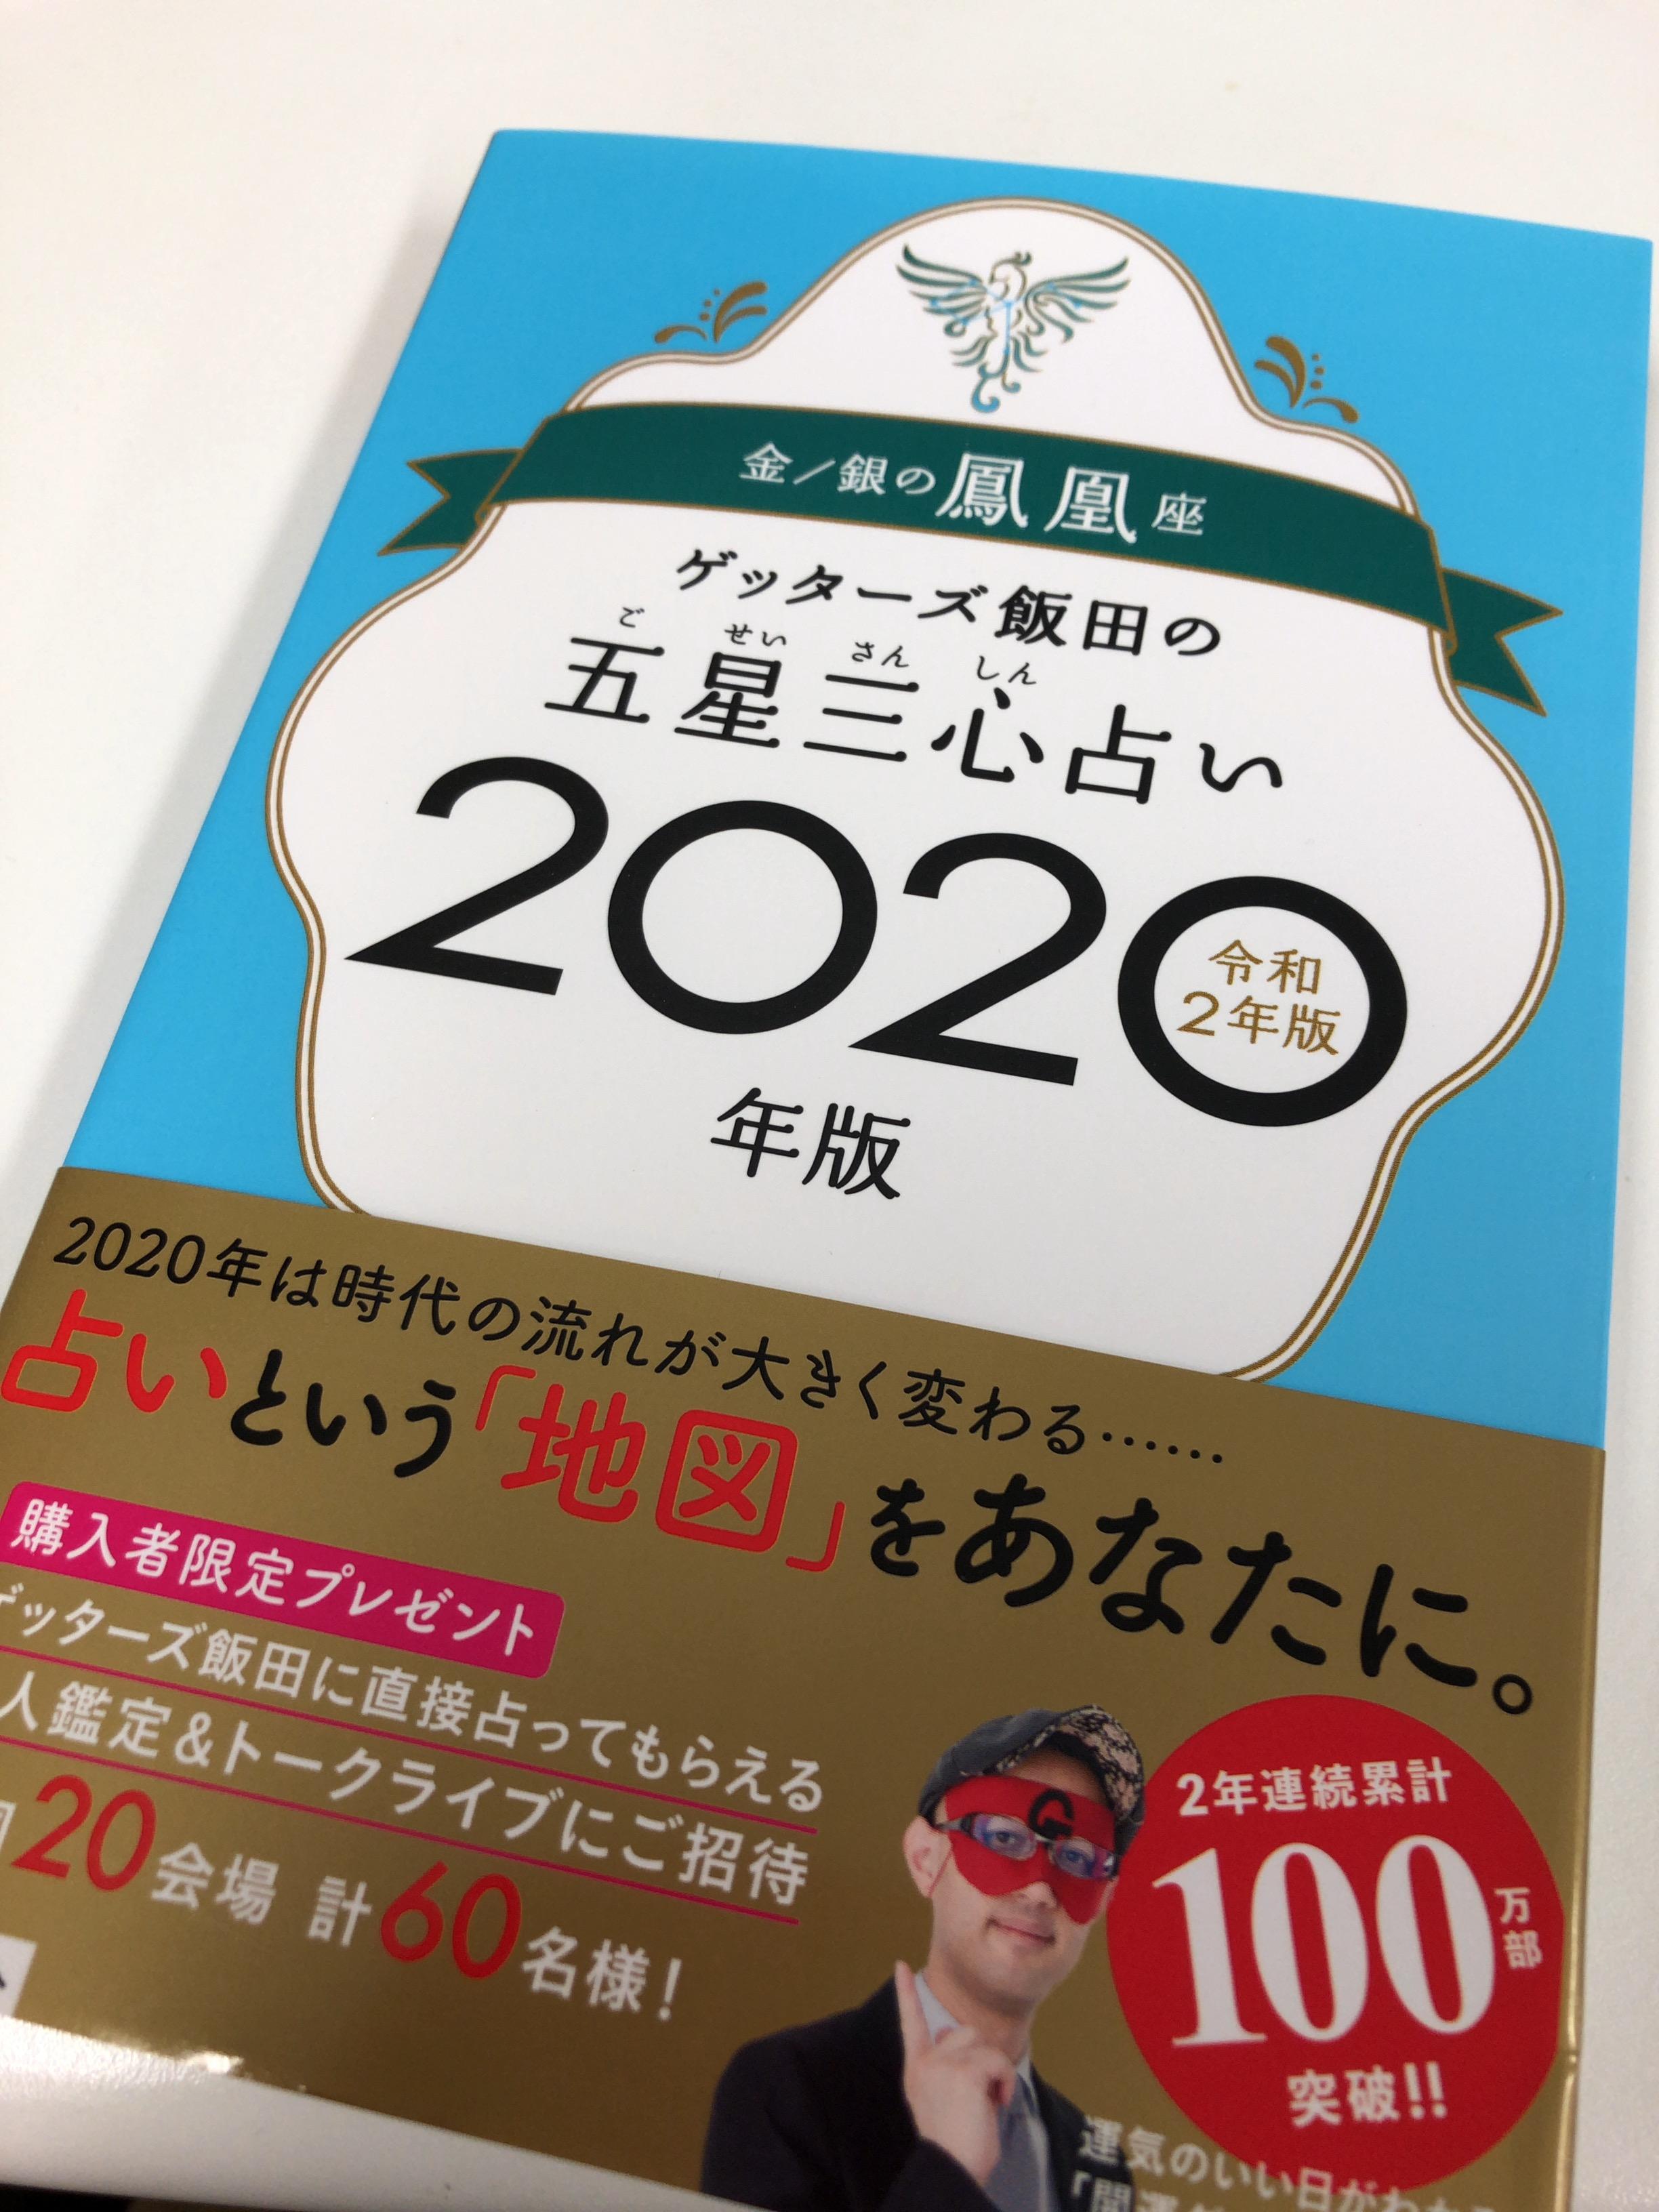 ゲッターズ飯田の五星三心占い~金の鳳凰座~2020年版を買いまし